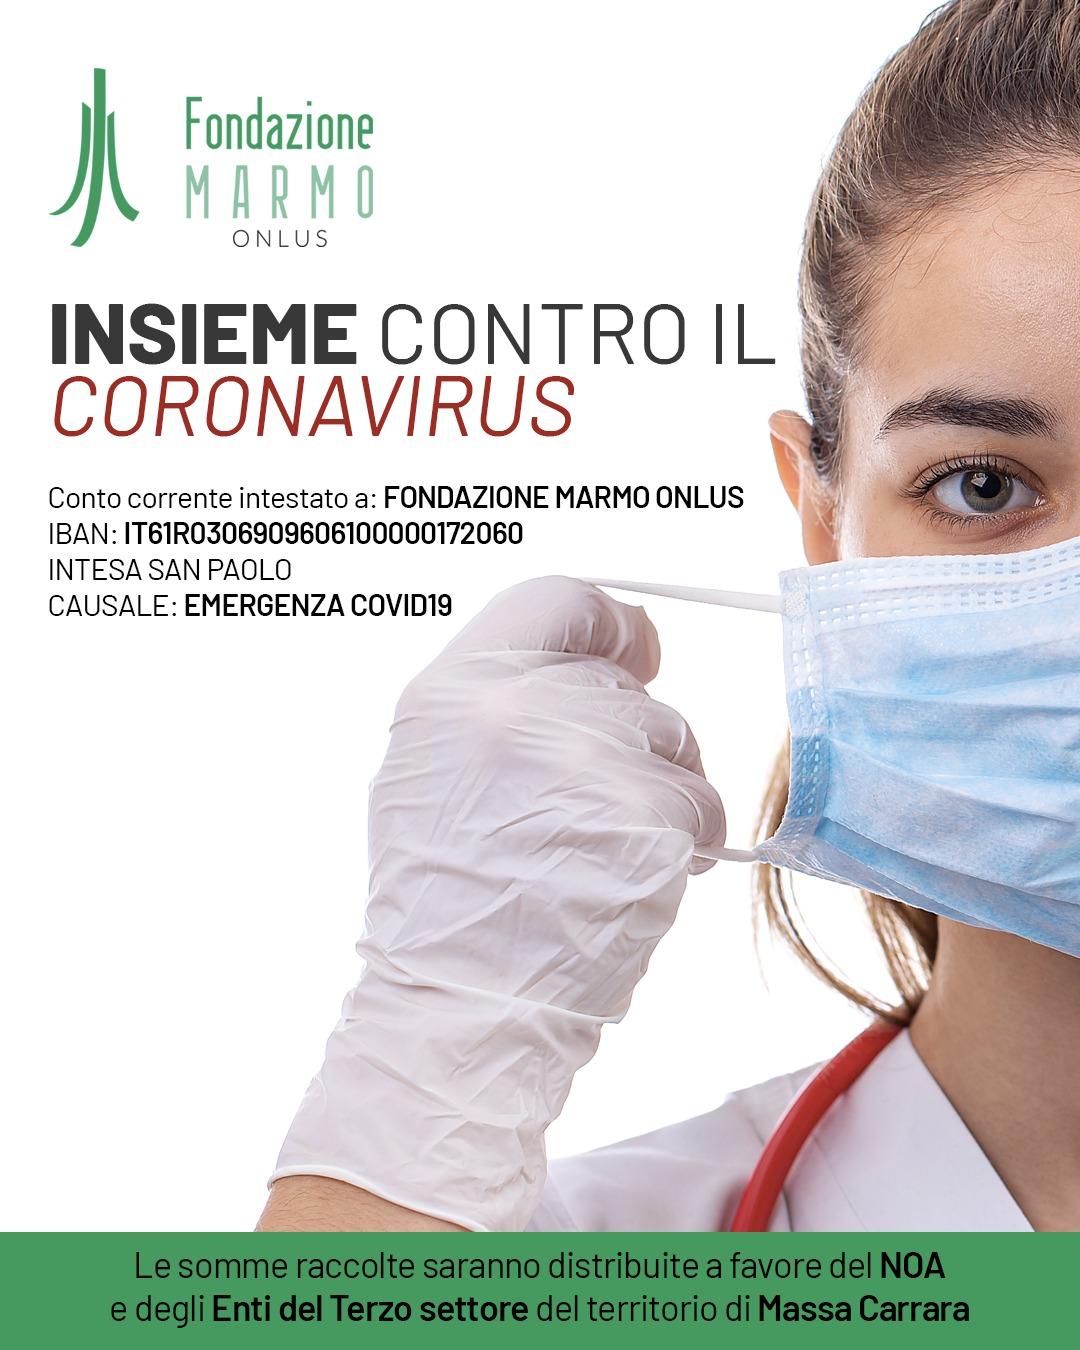 Coronavirus, in arrivo al NOA 5mila tute di protezione per gli operatori sanitari